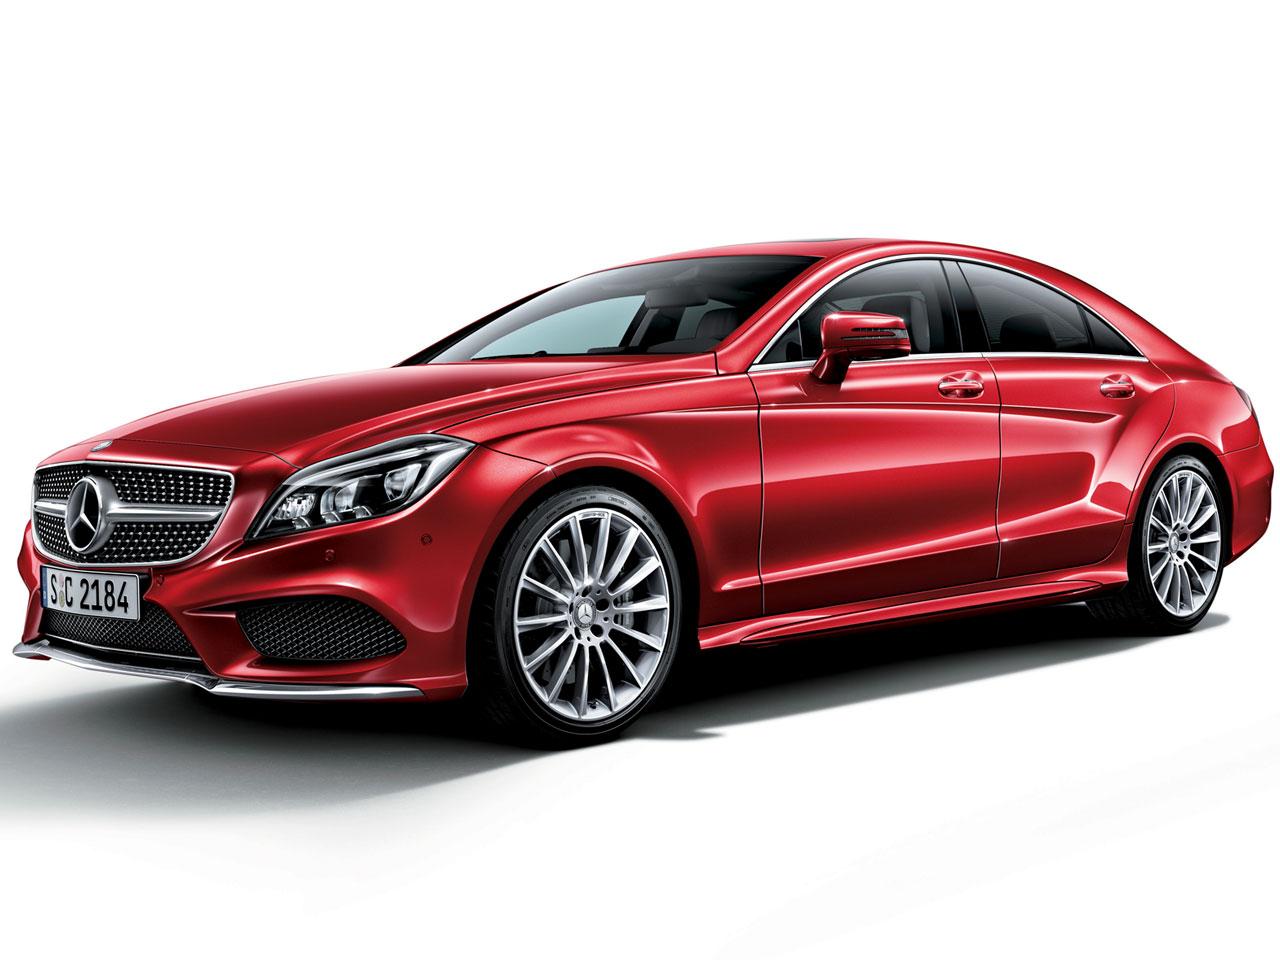 メルセデス・ベンツ CLSクラス 2011年モデル 新車画像